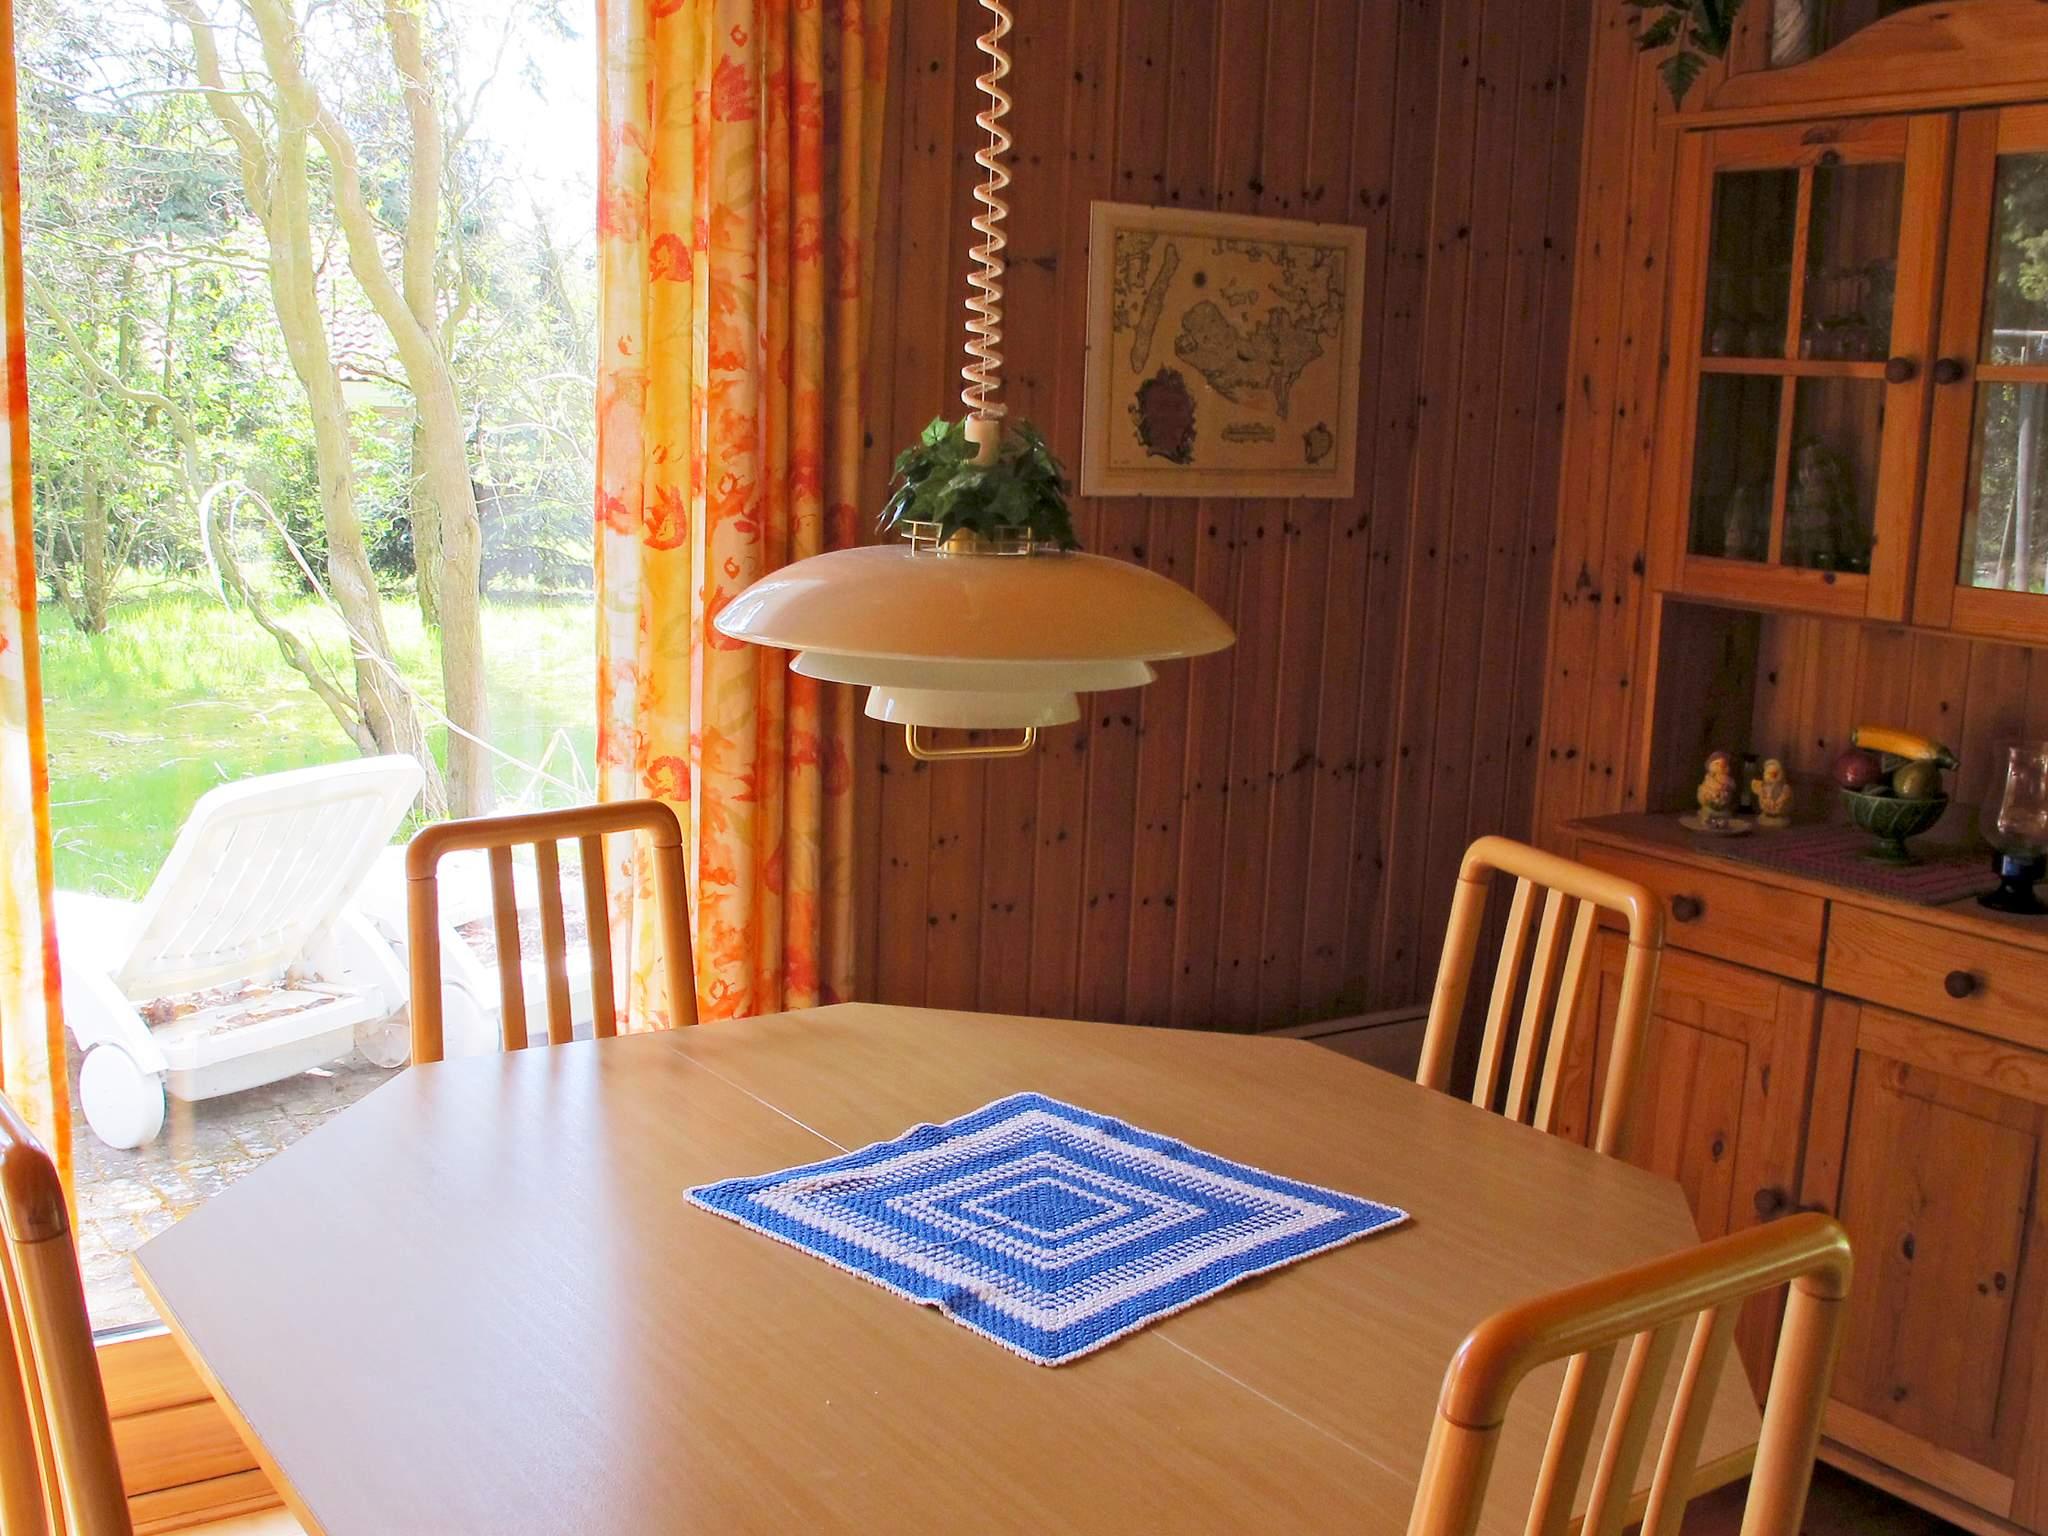 Ferienhaus Marielyst (82412), Marielyst, , Falster, Dänemark, Bild 2